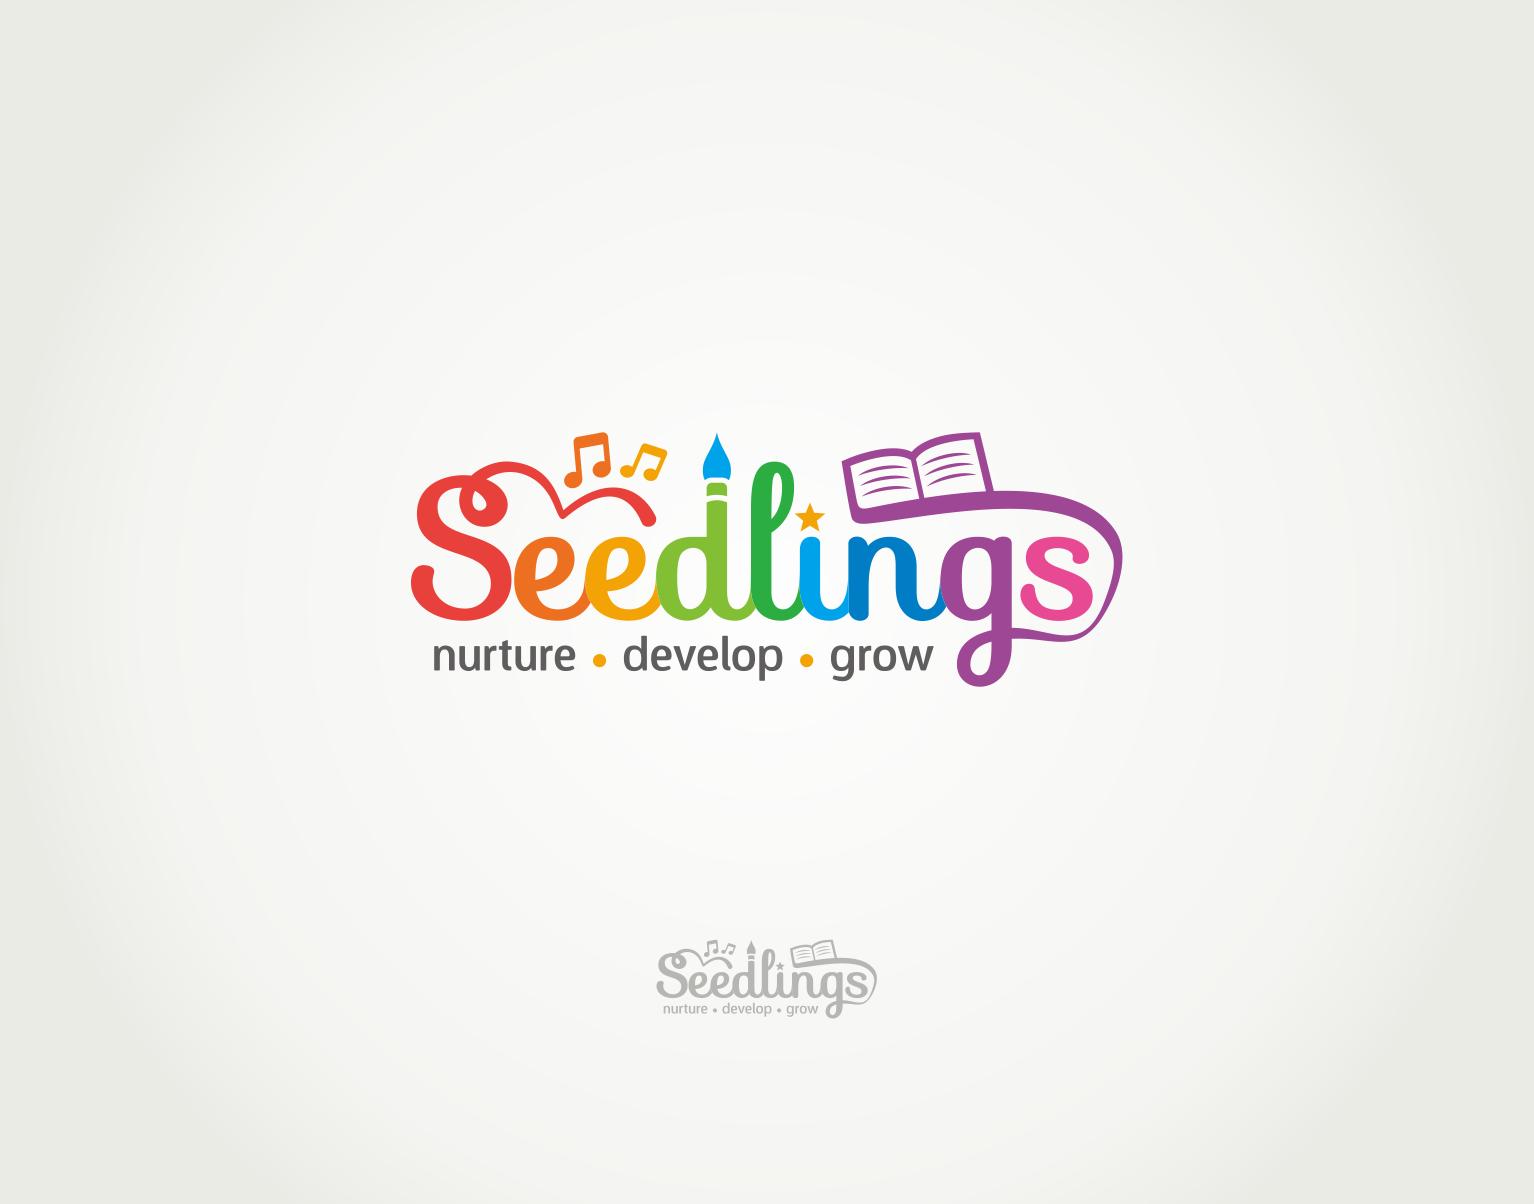 Help me develop my brand Seedlings